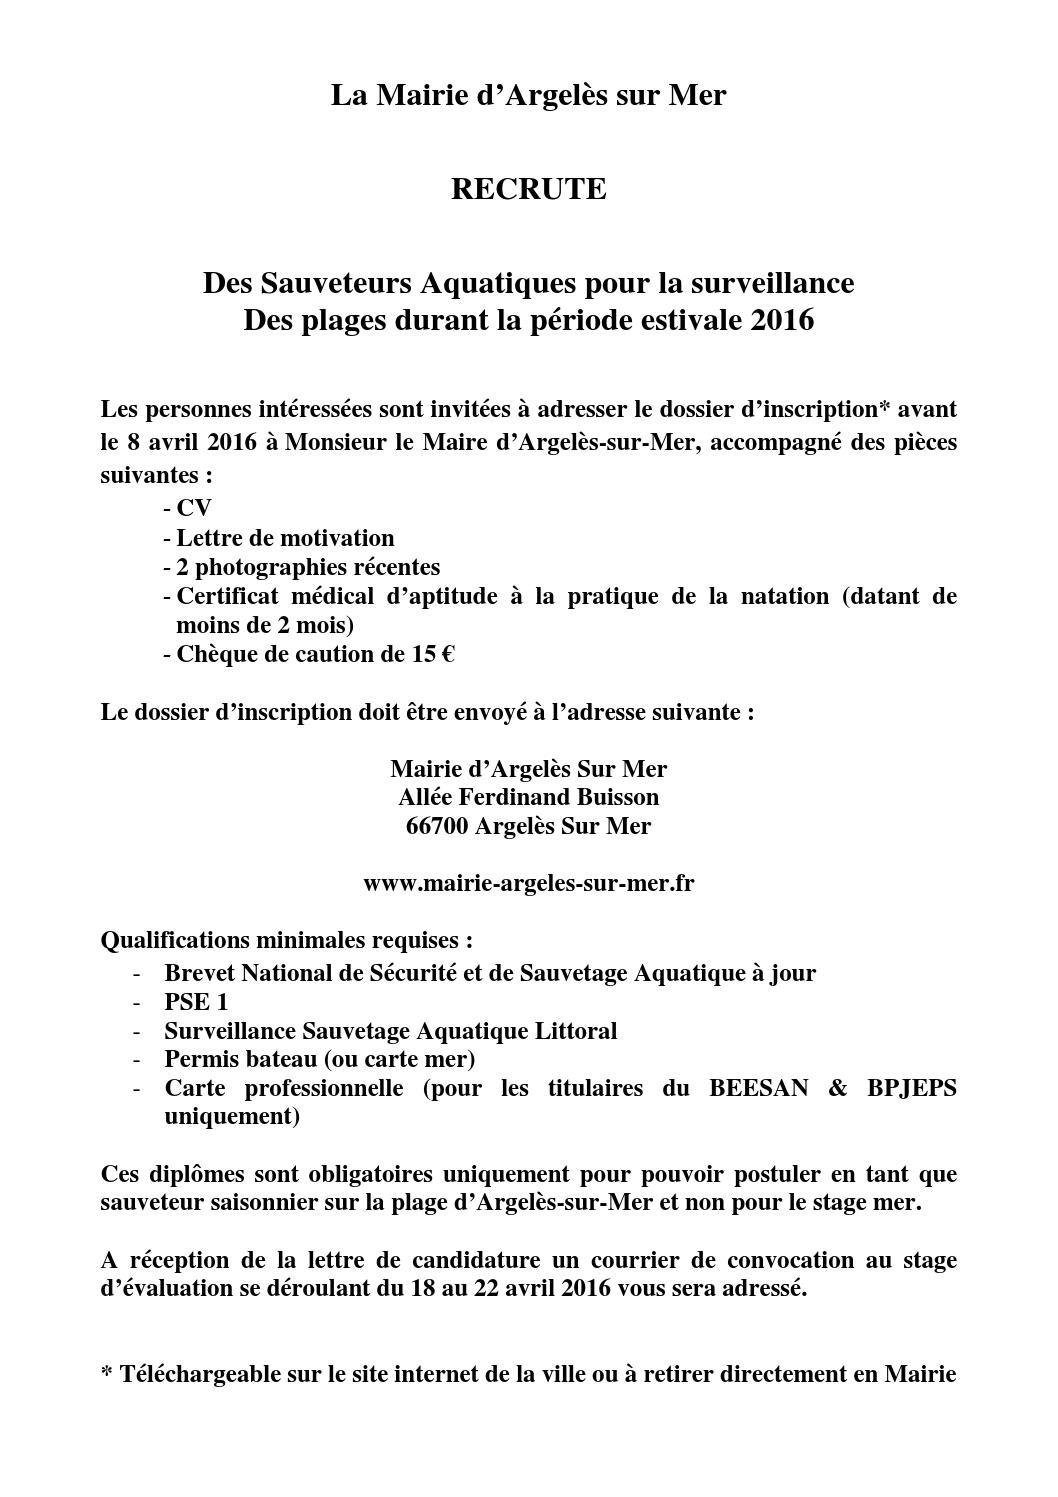 annonce recrutement sauveteur aquatique by argel u00e8s-sur-mer